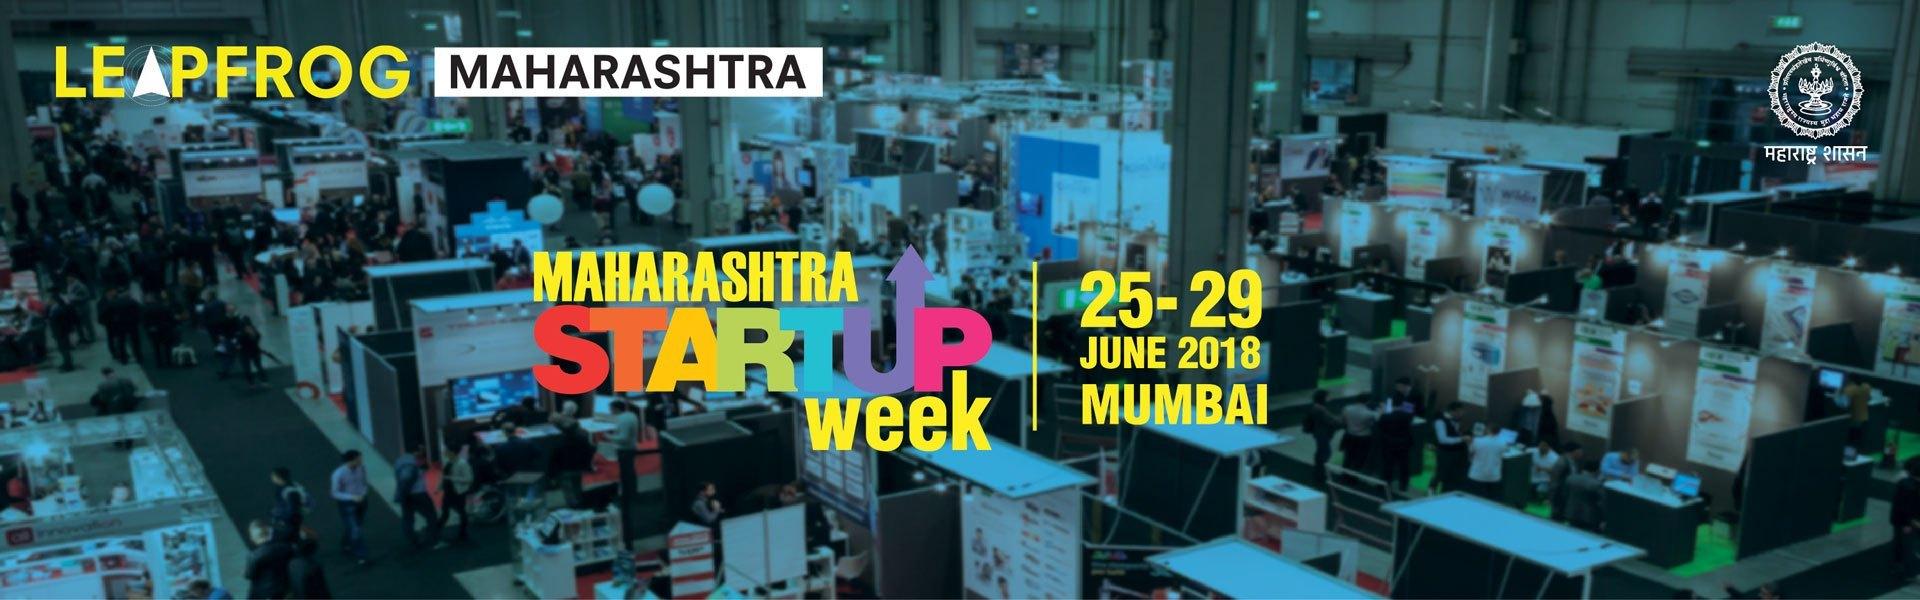 Maharashtra Startup Week